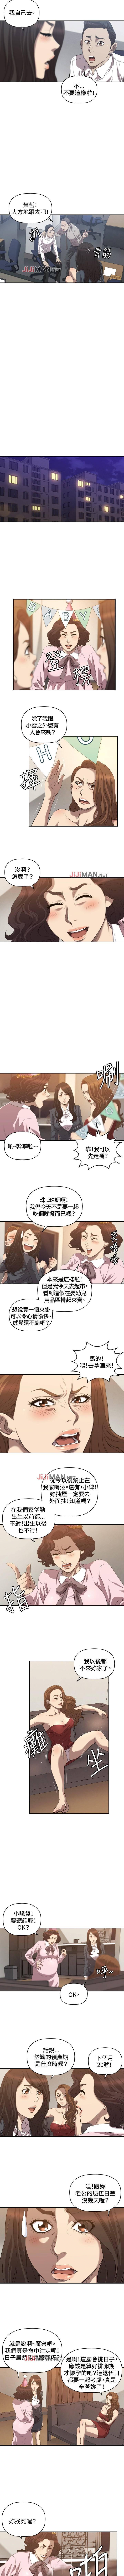 【已完结】索多玛俱乐部(作者:何藝媛&庫奈尼) 第1~32话 144